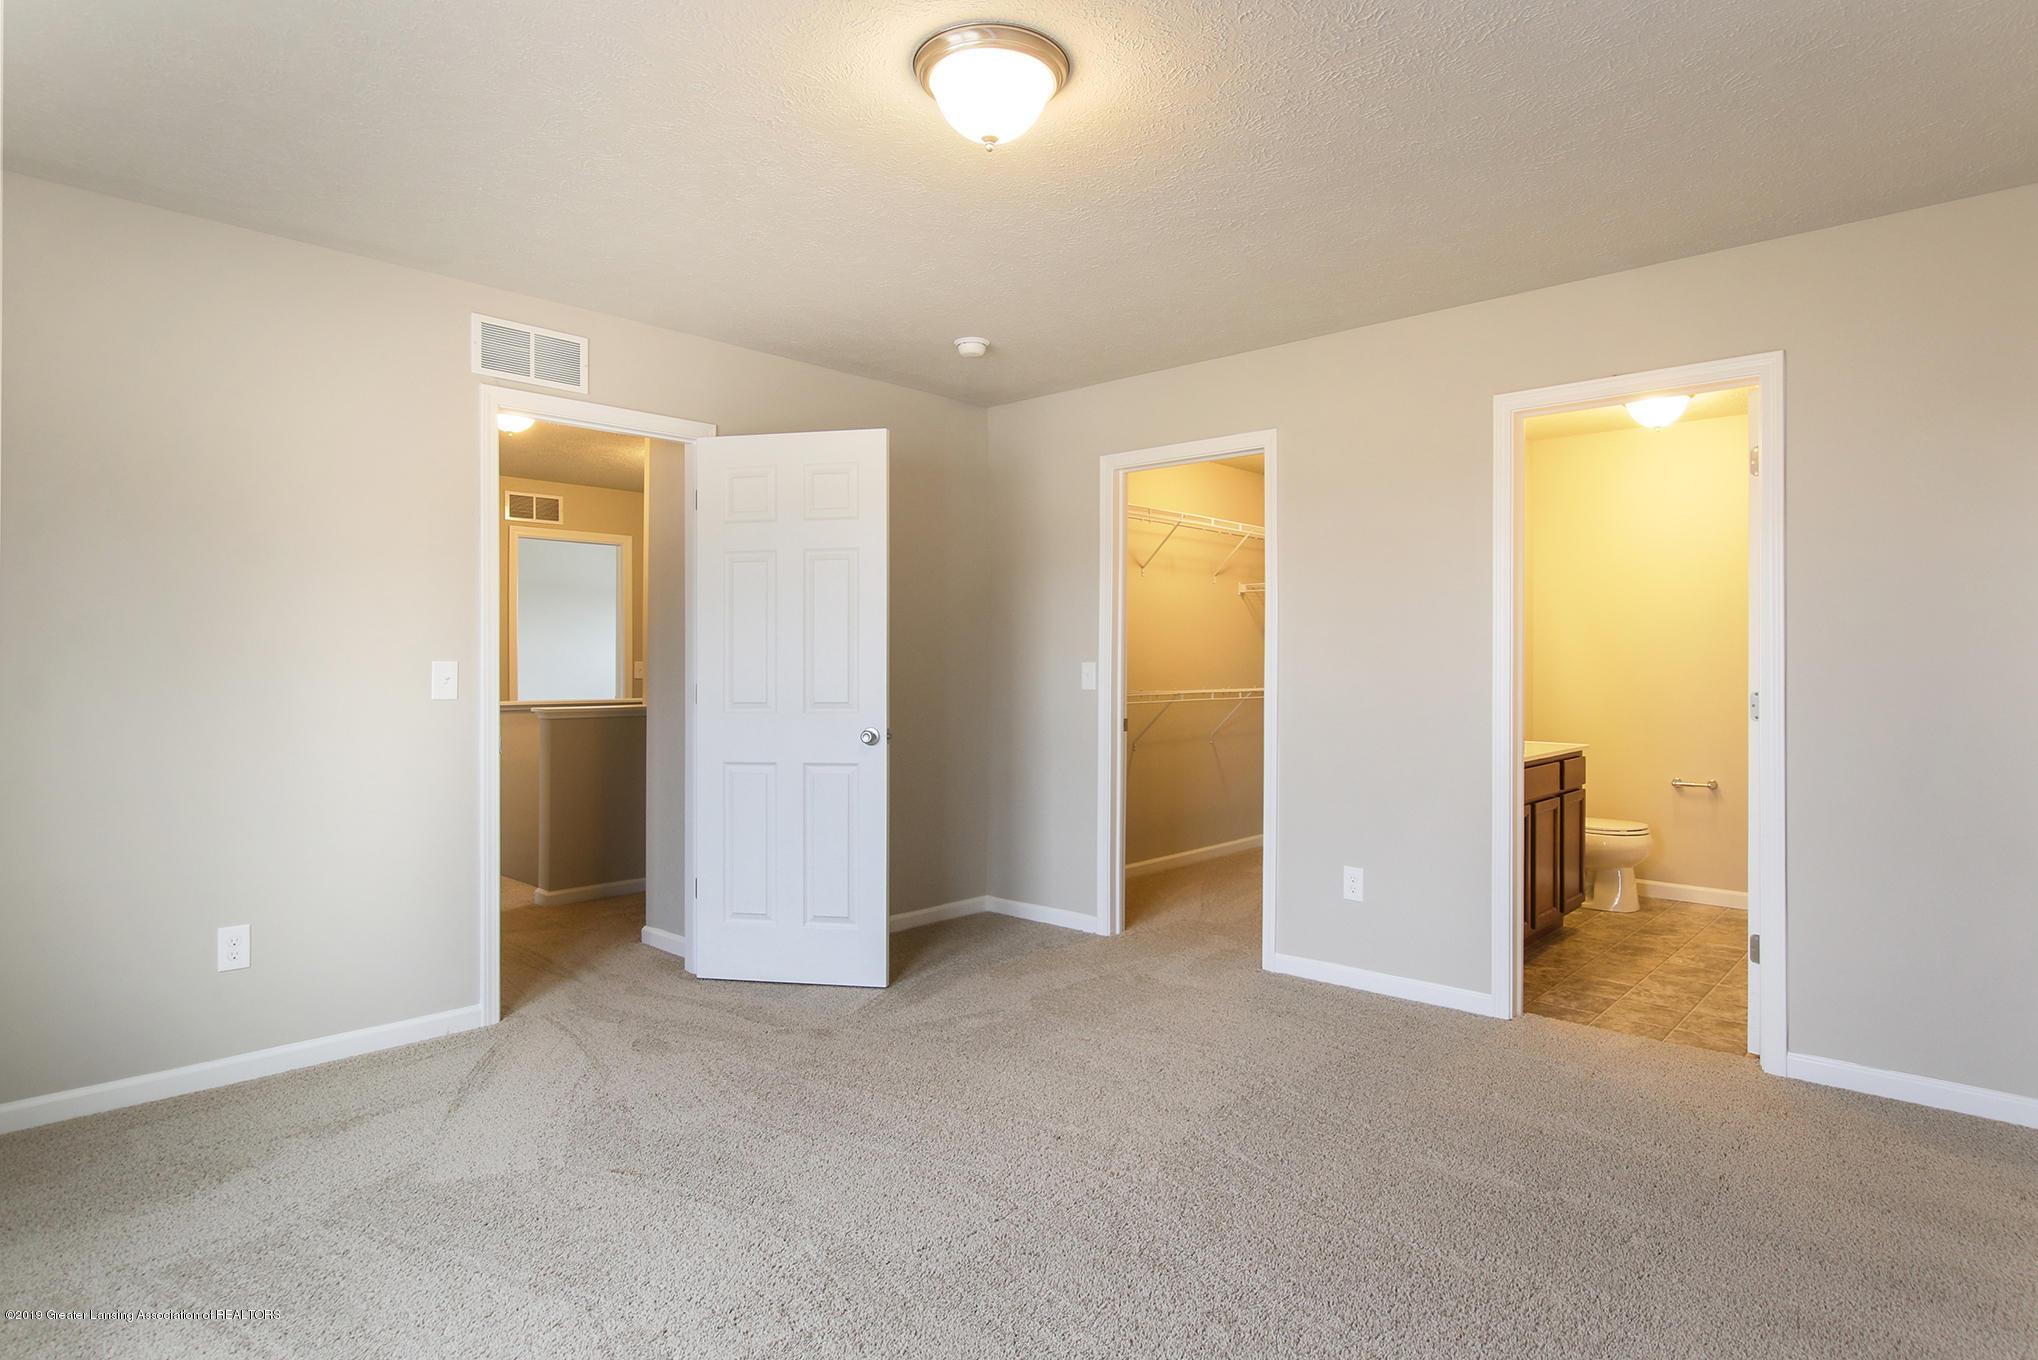 1005 Chesham - MDE024-E1700-Master Bedroom2 - 13